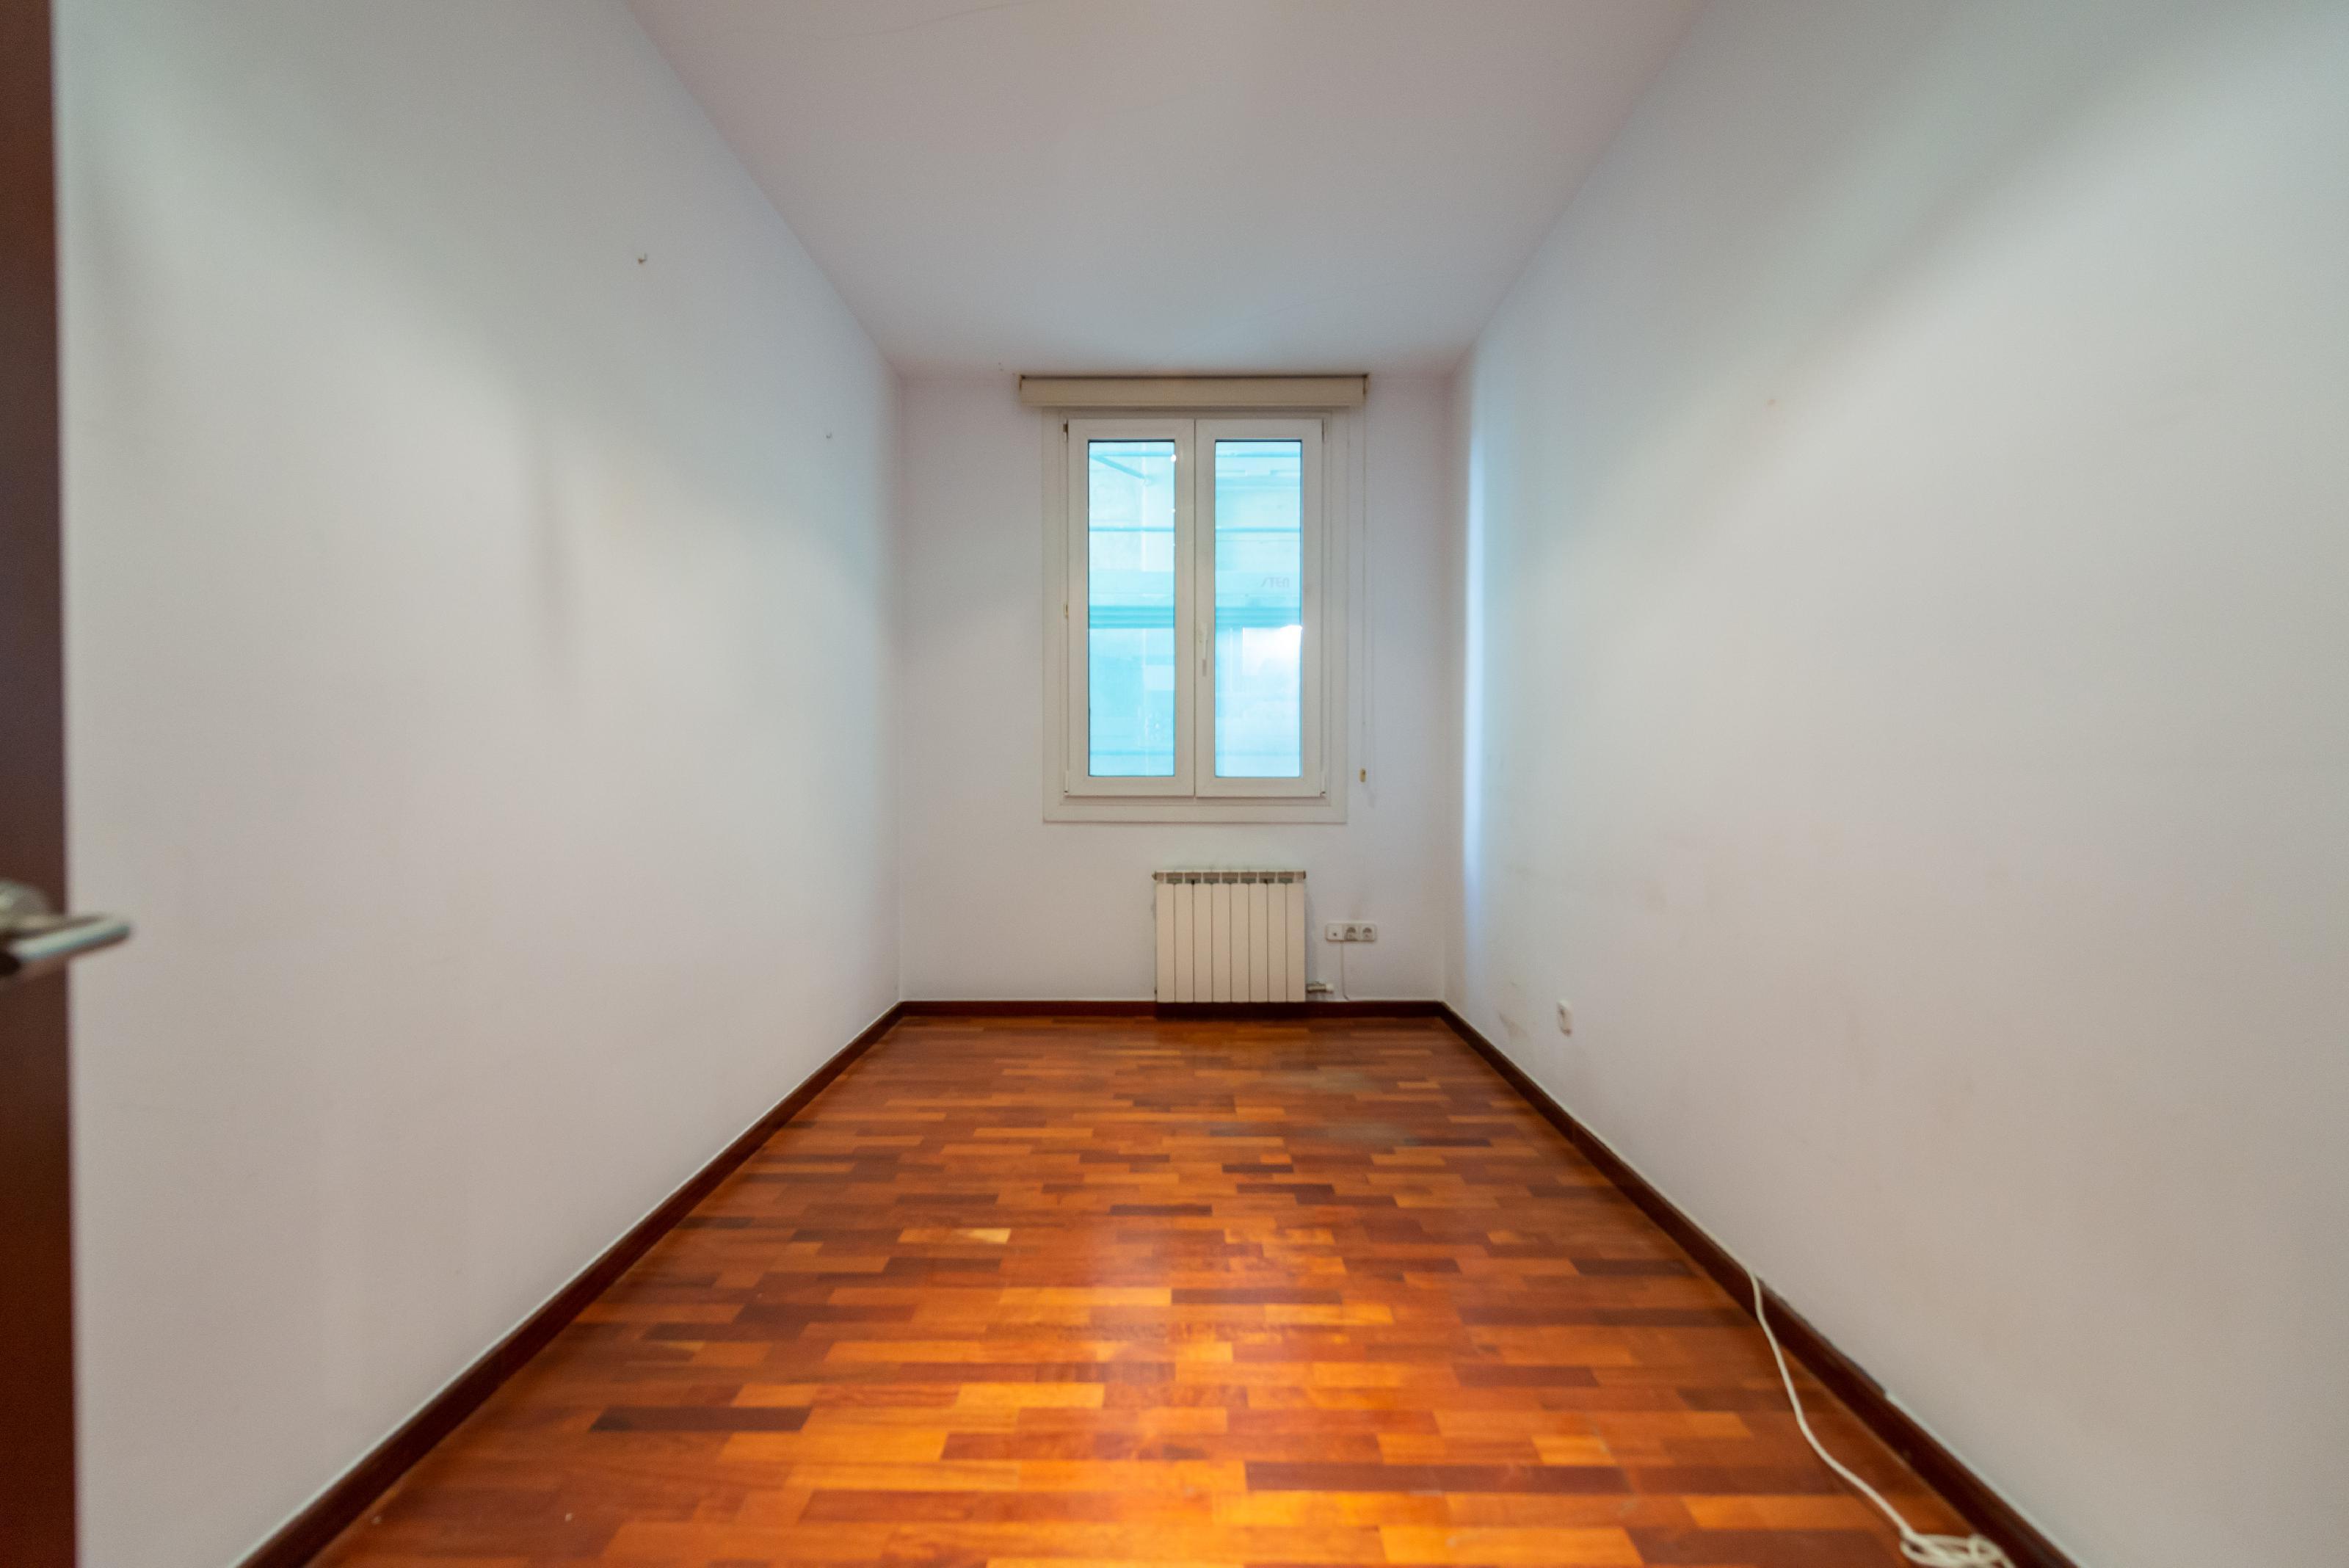 246020 Flat for sale in Sarrià-Sant Gervasi, Sarrià 18